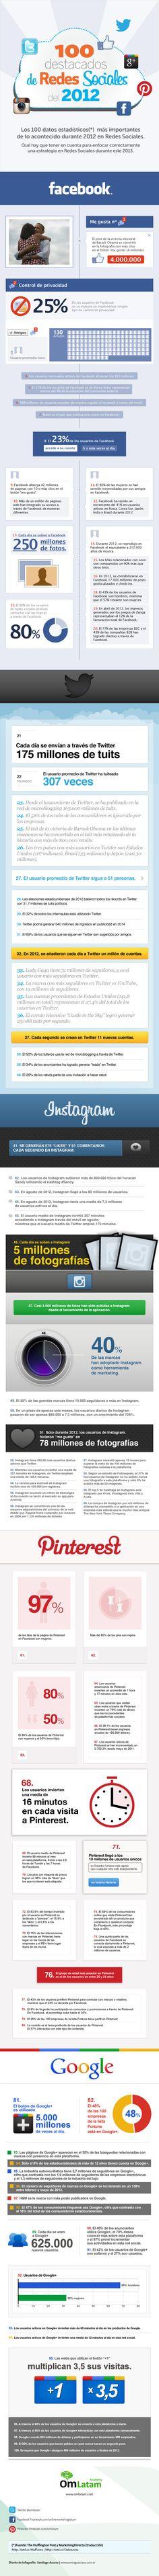 100 datos más importantes de Redes Sociales en 2012 #infografia en español